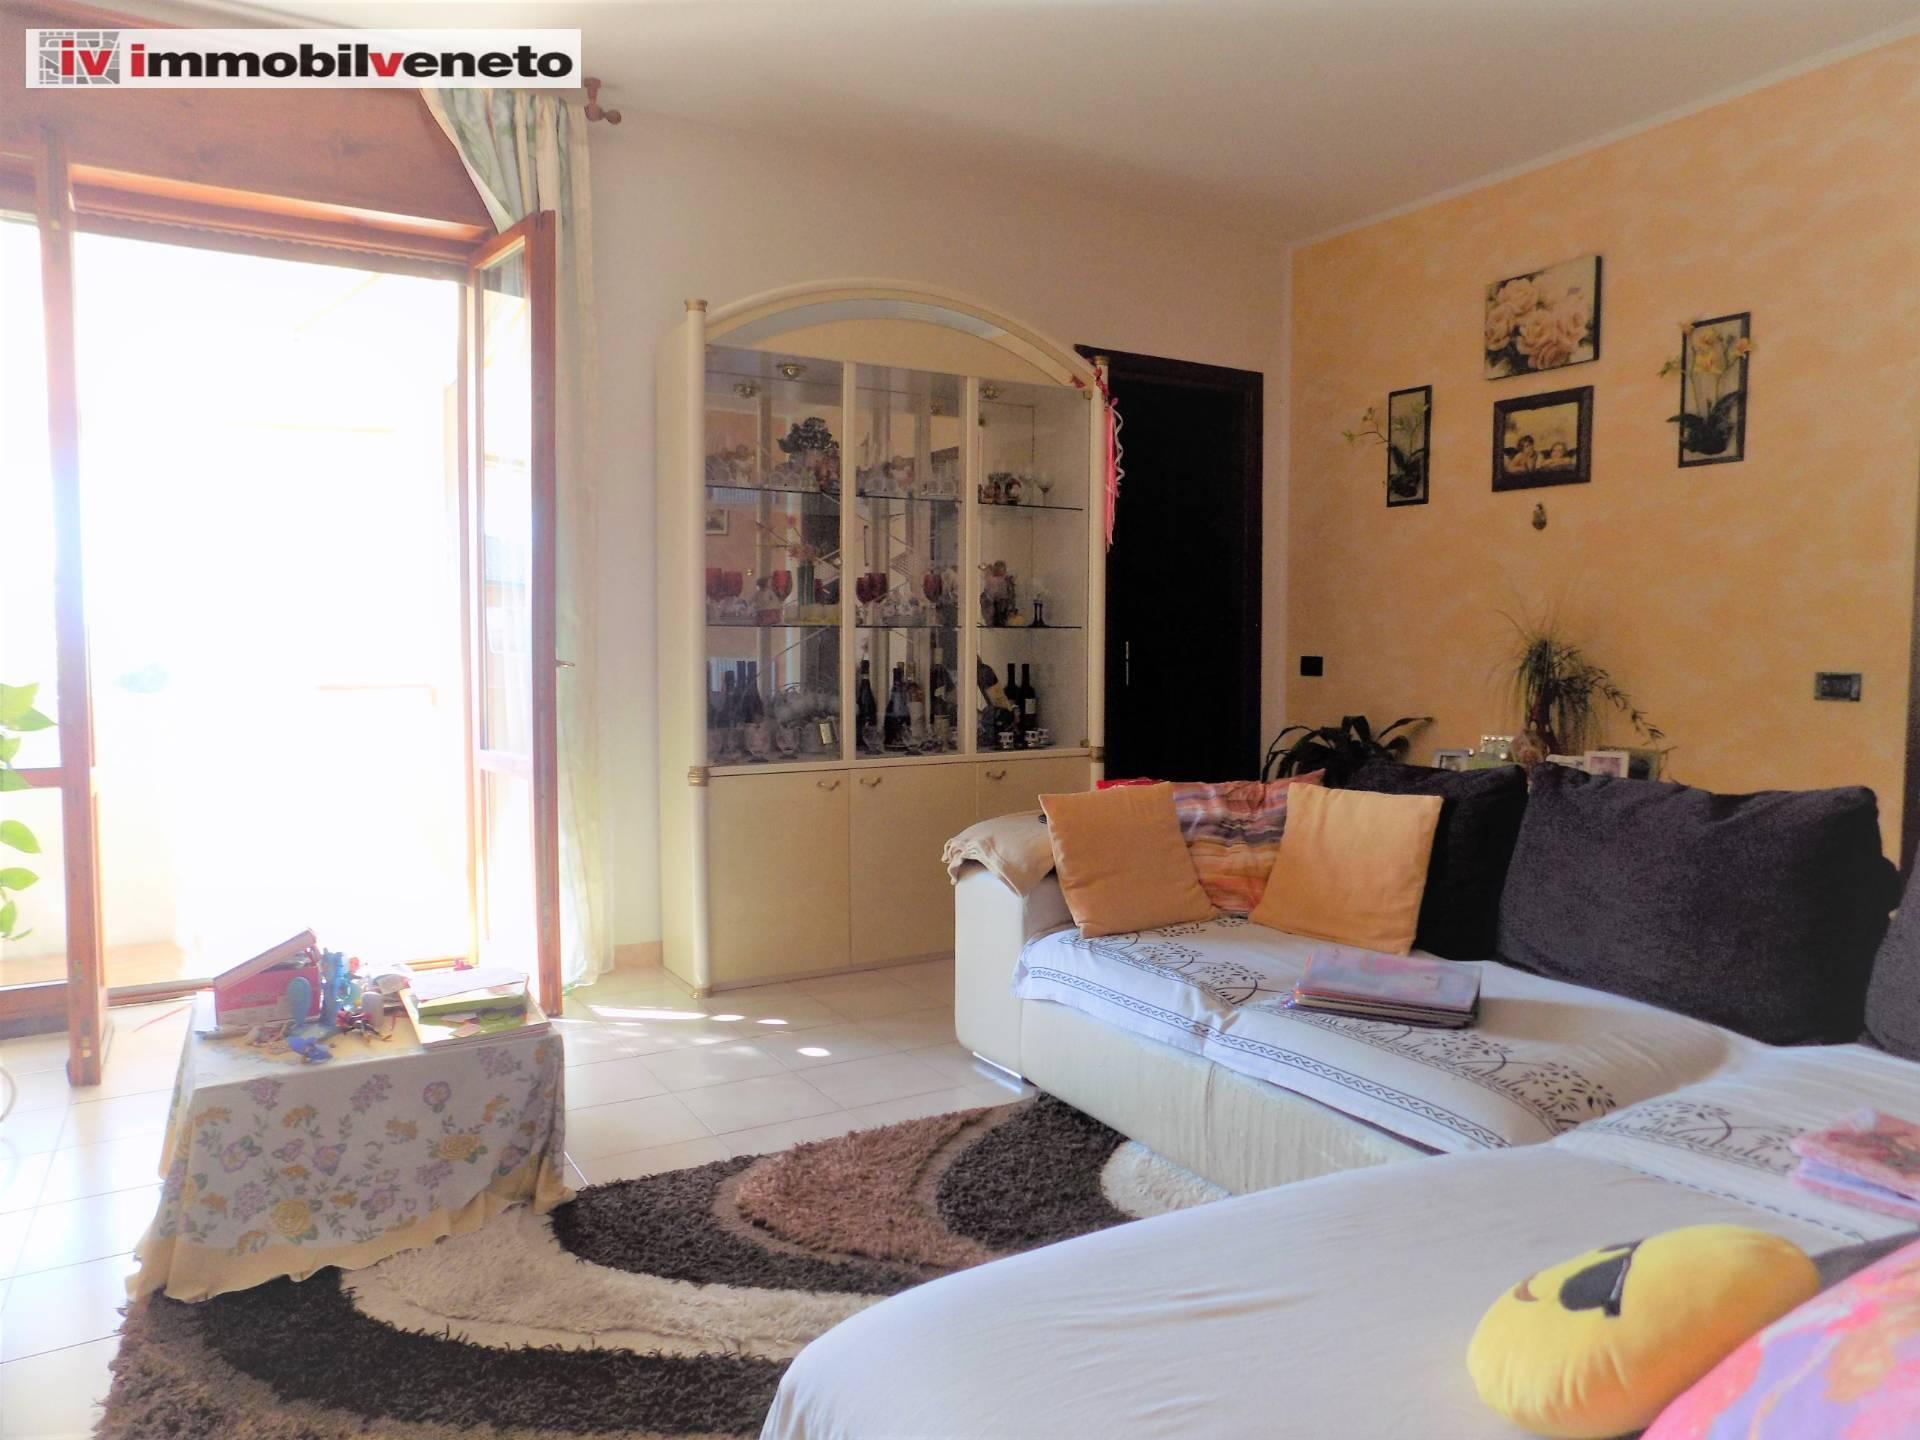 Appartamento in vendita a Lonigo, 4 locali, prezzo € 100.000 | CambioCasa.it